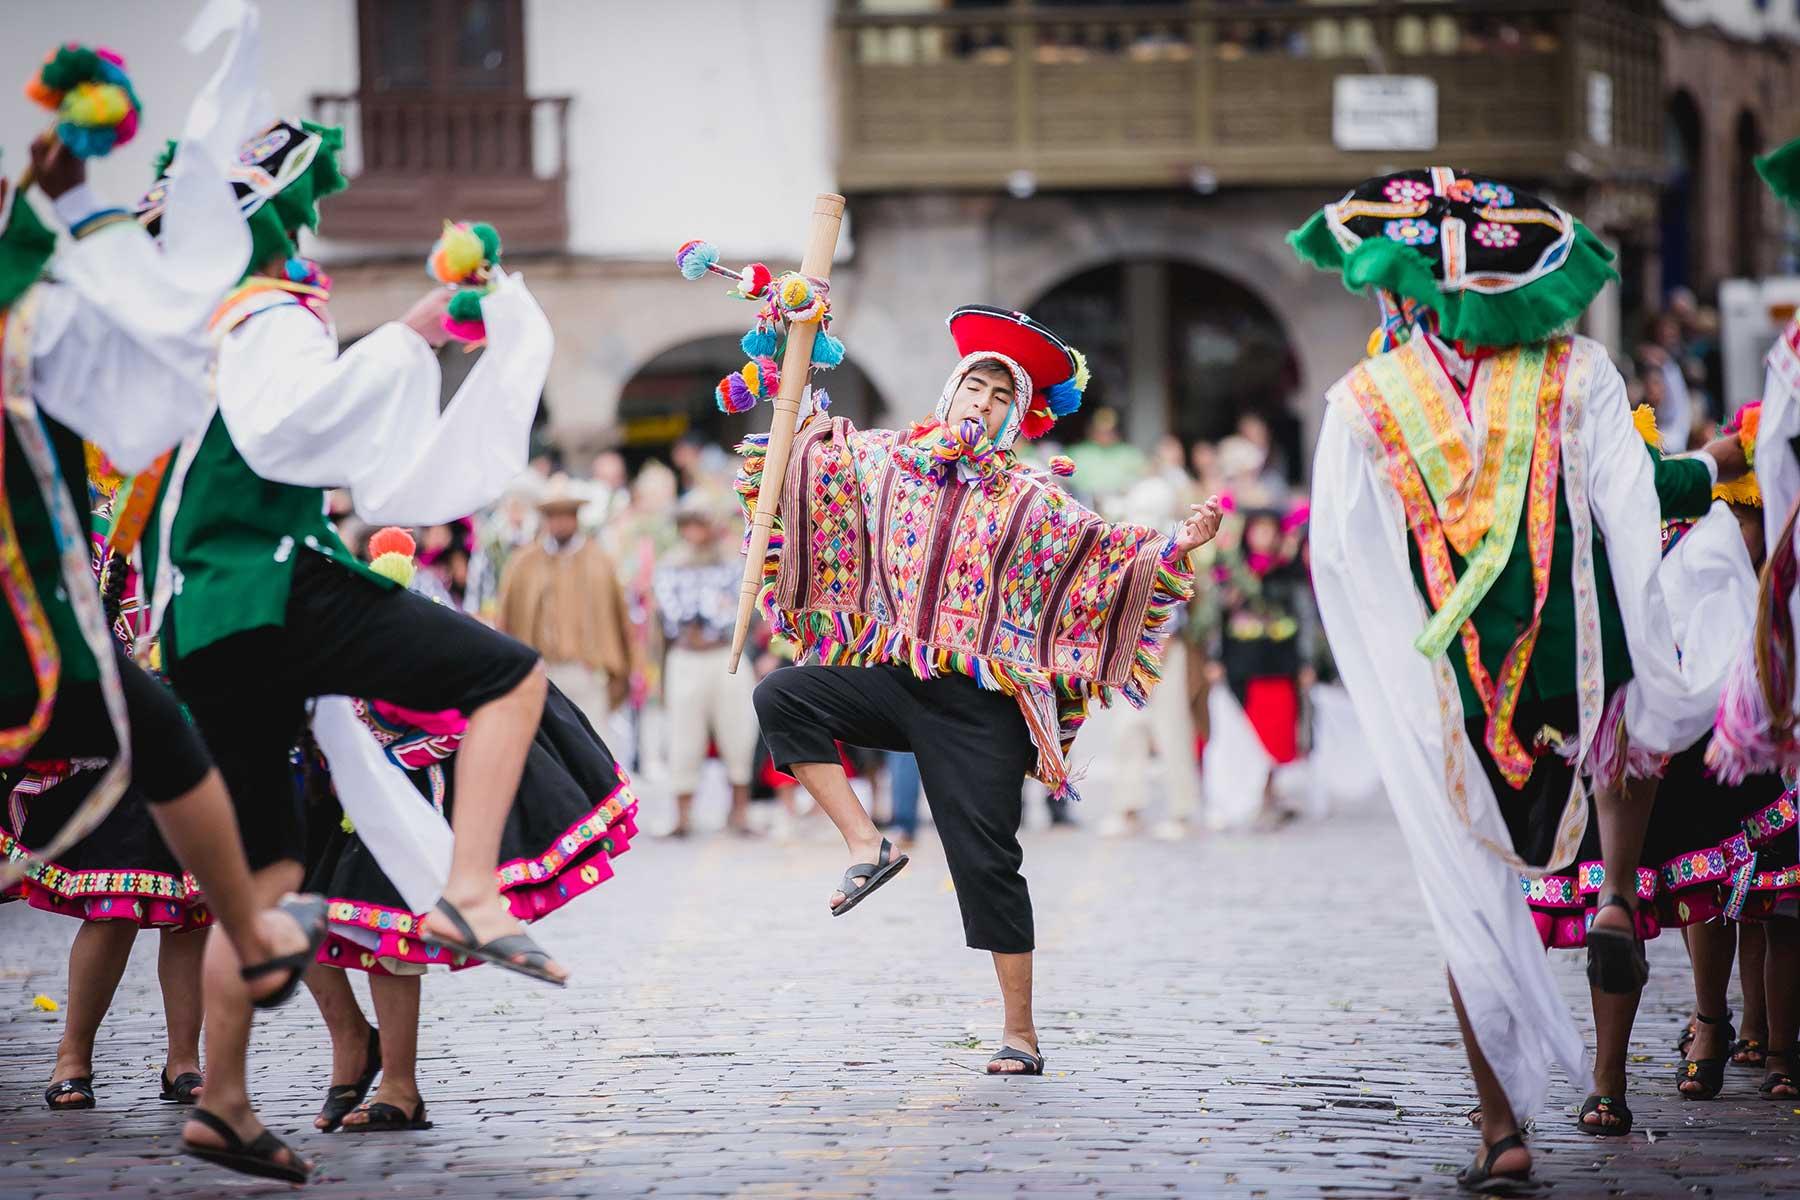 Los bailarines lucen trajes multicolores y derrochan buen ritmo durante las coreografías preparadas para homenajear al Cusco